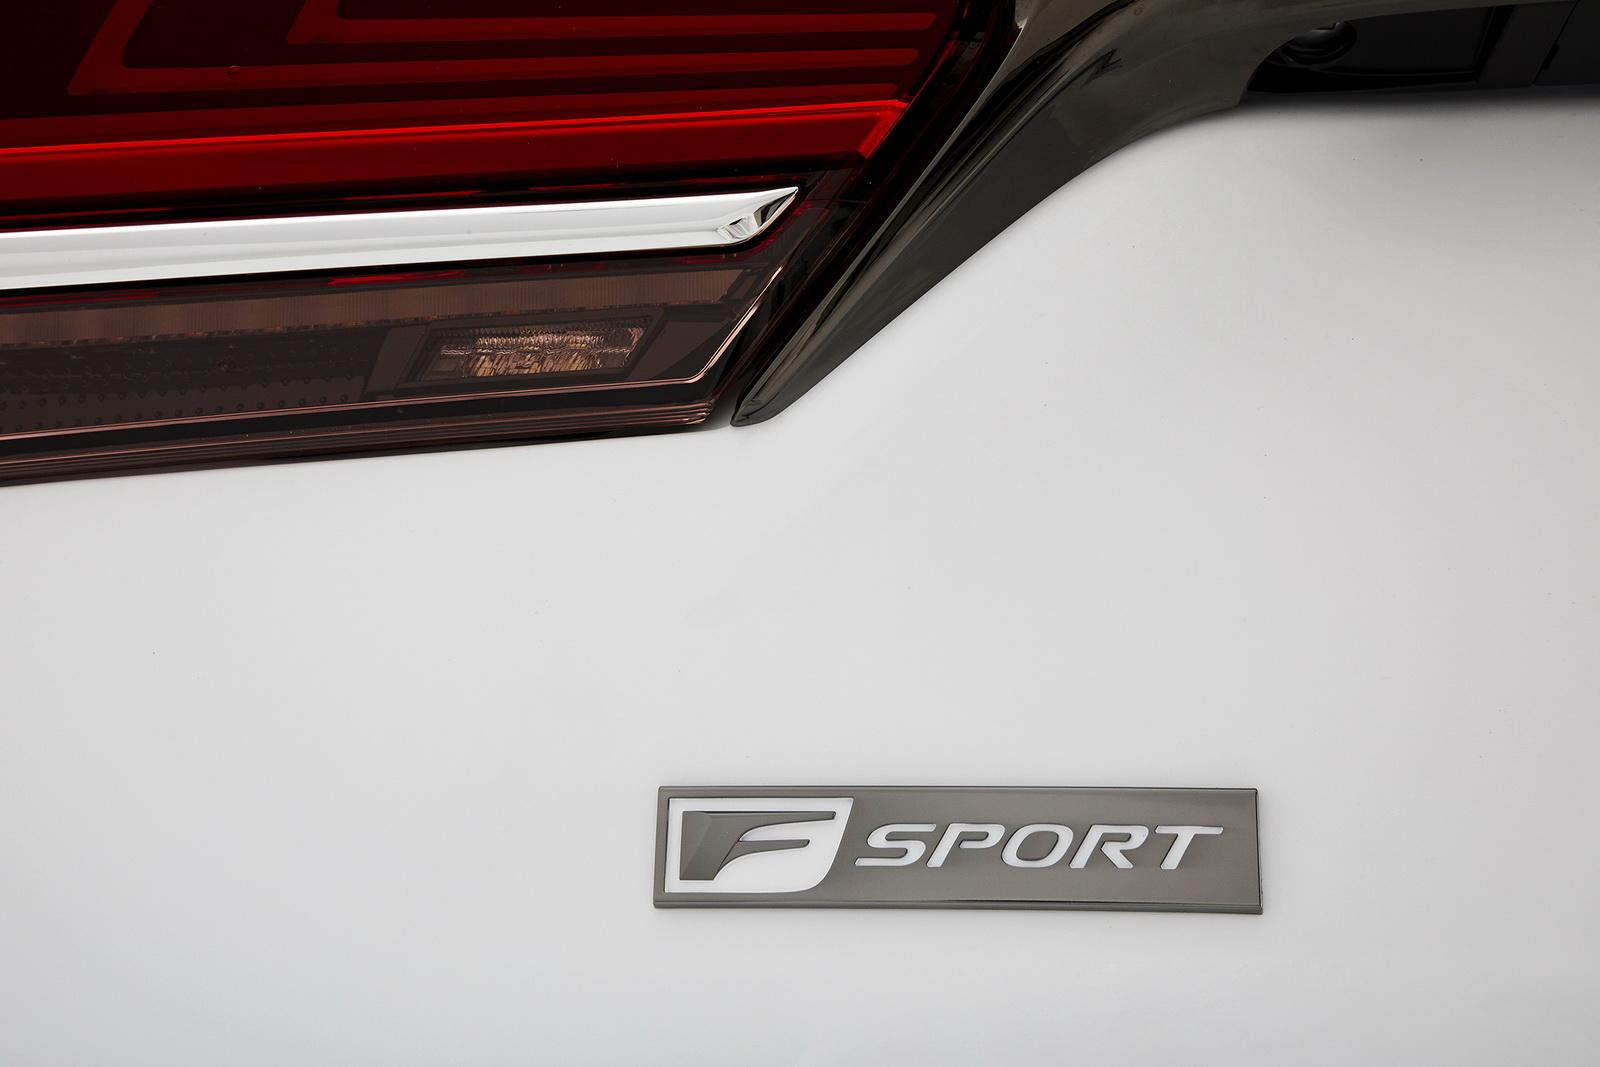 2018_Lexus_LS_500_F_Sport_23